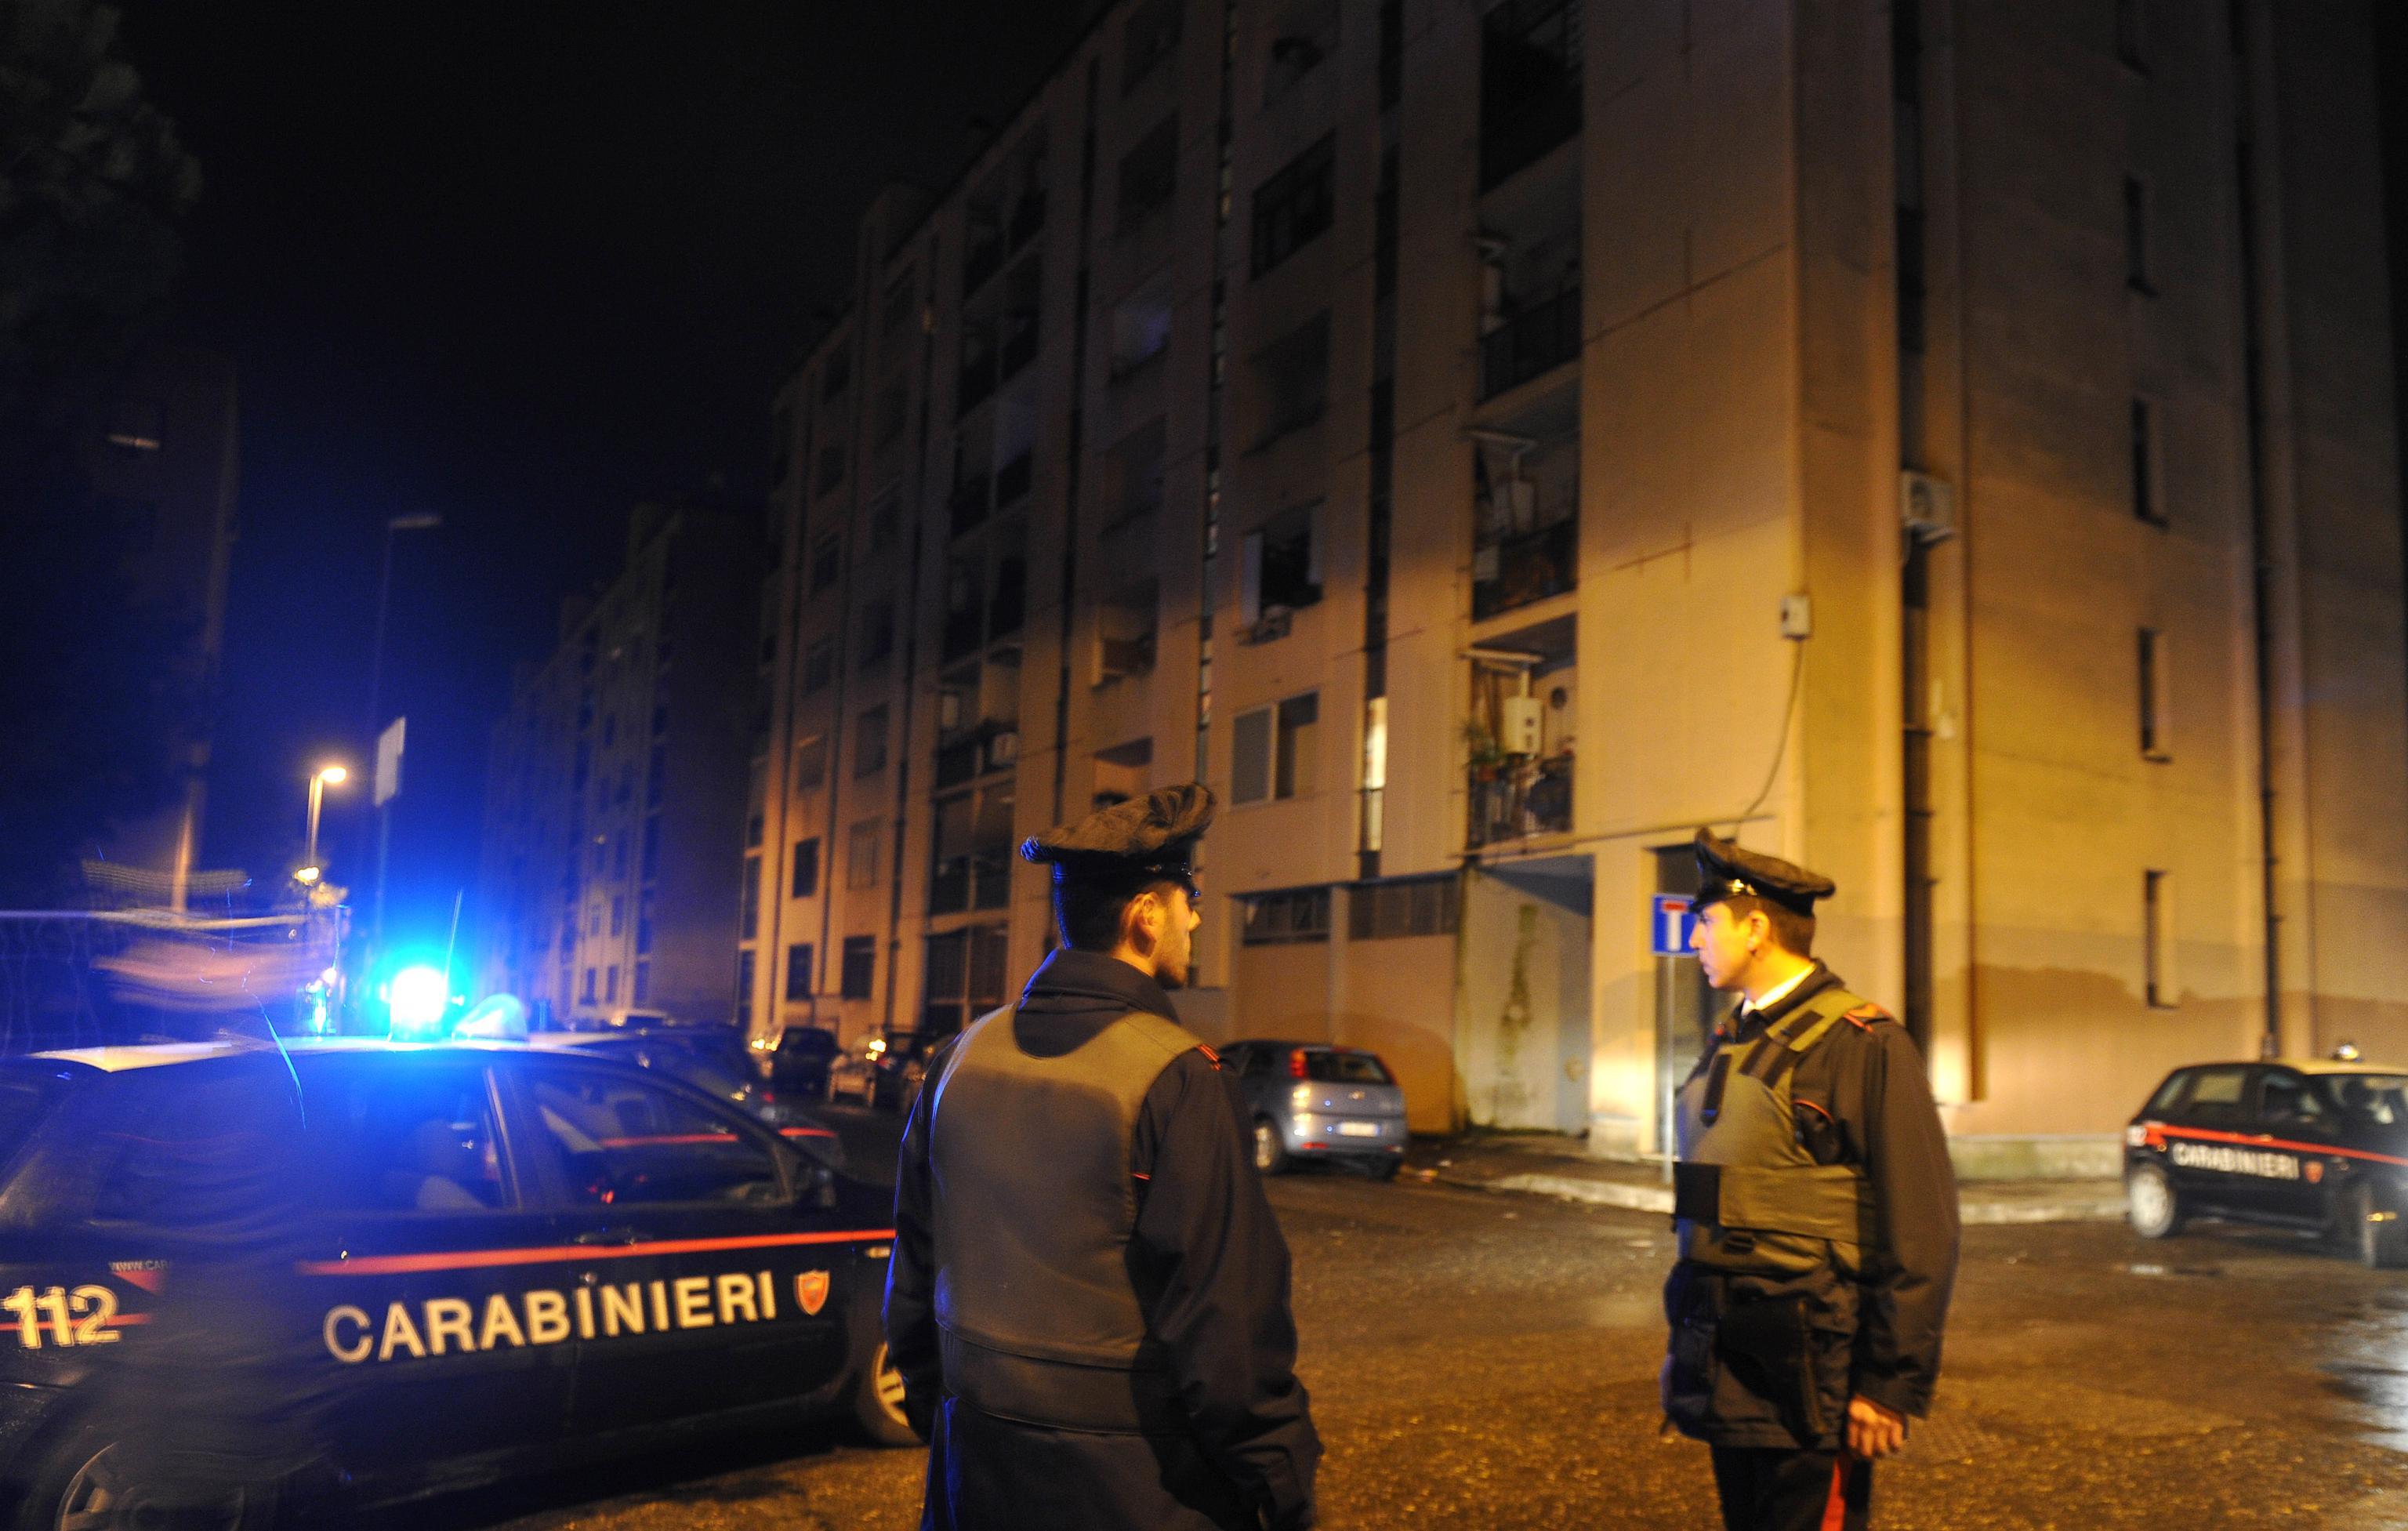 Operazione antimafia a Viterbo: tredici arresti